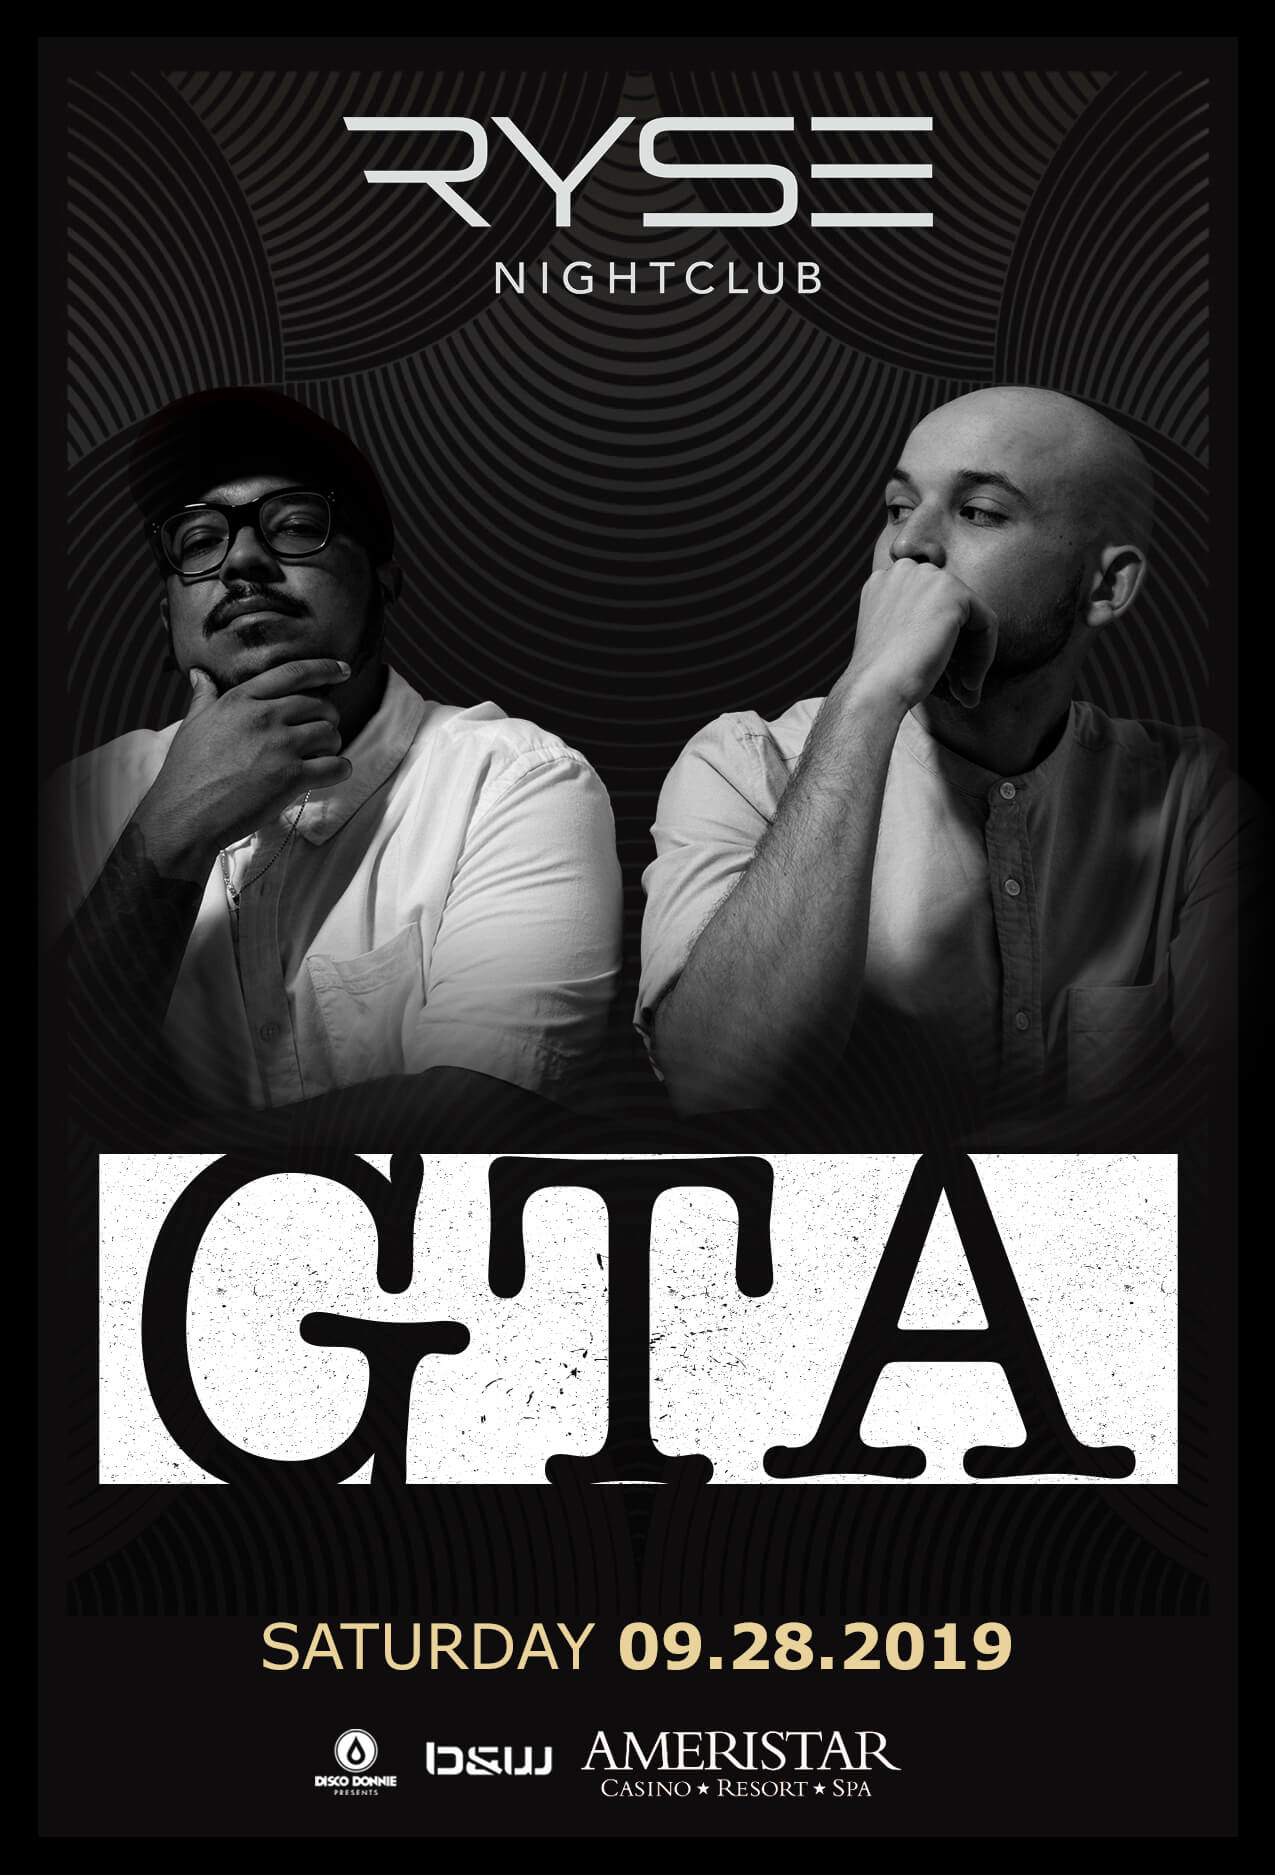 GTA in St Charles